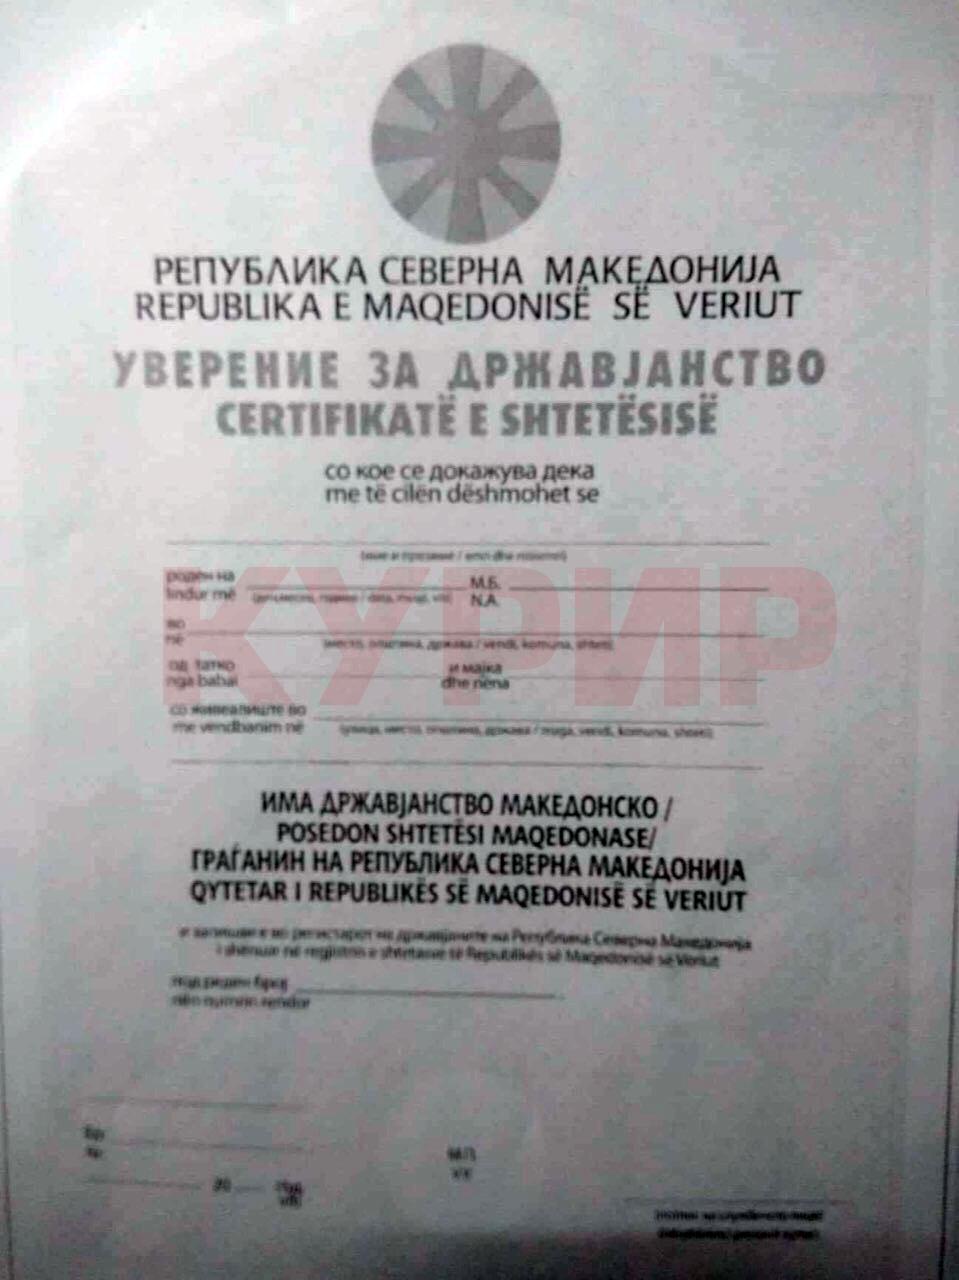 """Еве како ќе изгледа новото уверение за државјанство- Додека сите се фокусирани на аферата """"Рекет"""", Заев го урива македонскиот идентитет"""